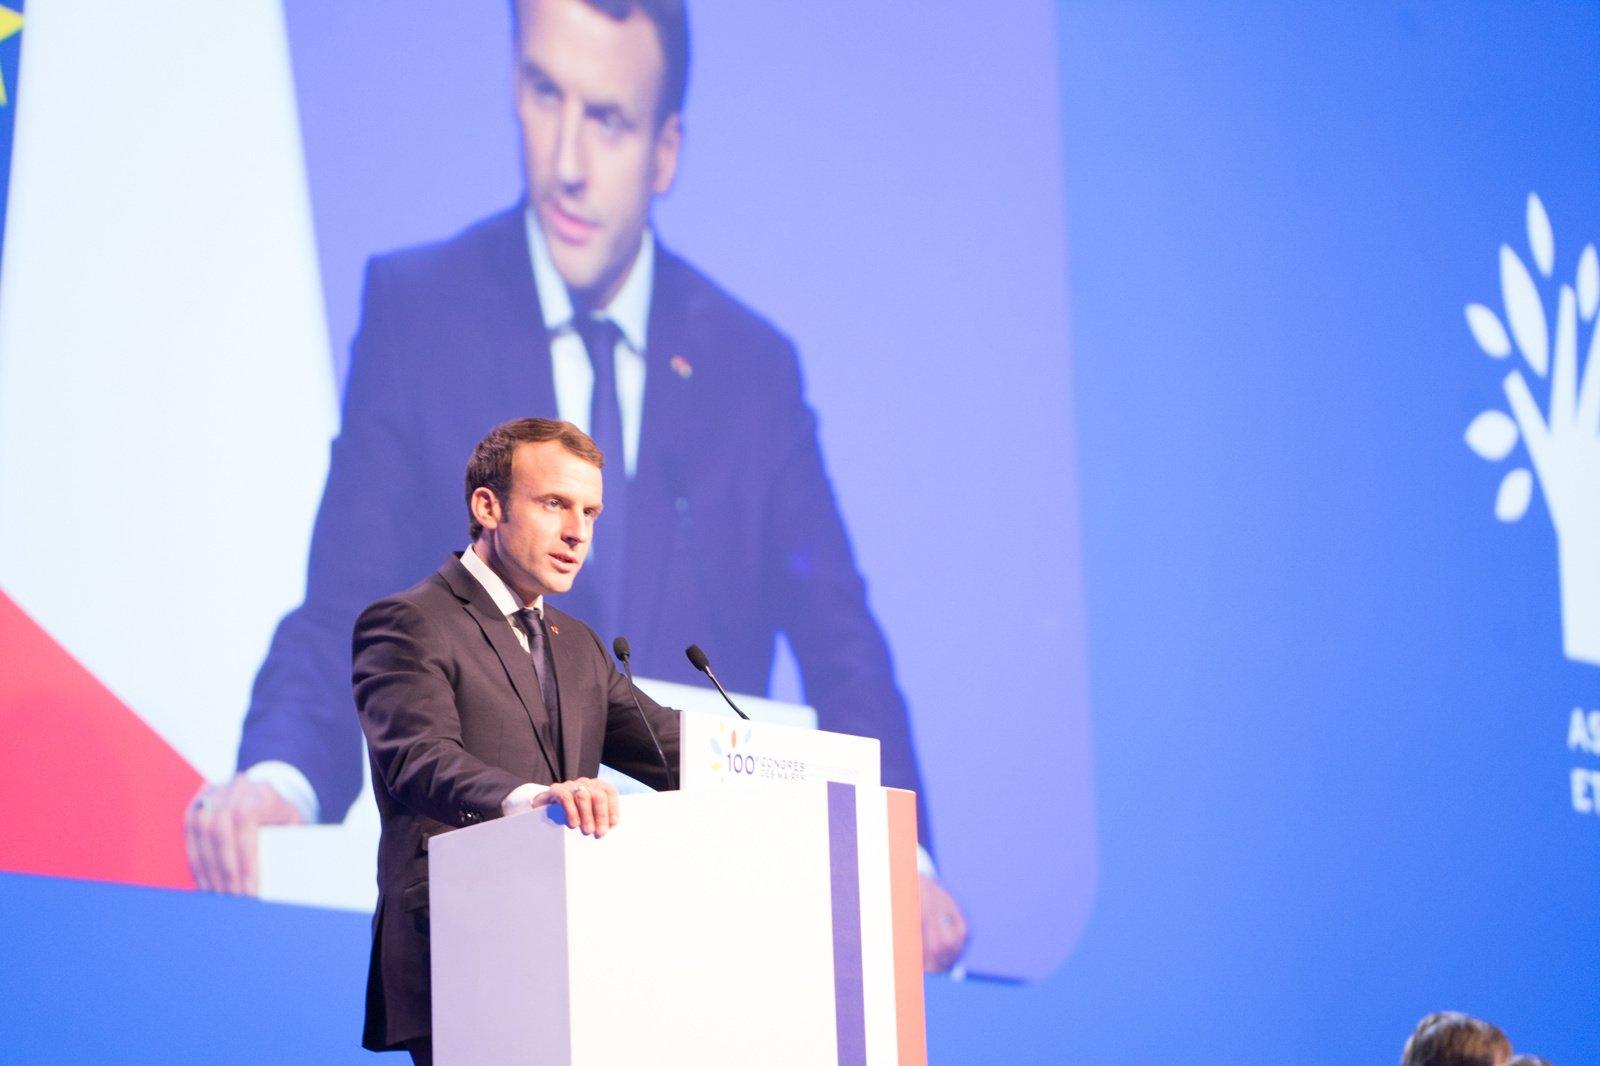 Prancūzijos prezidentas E. Macronas šį mėnesį atvyks į Lietuvą